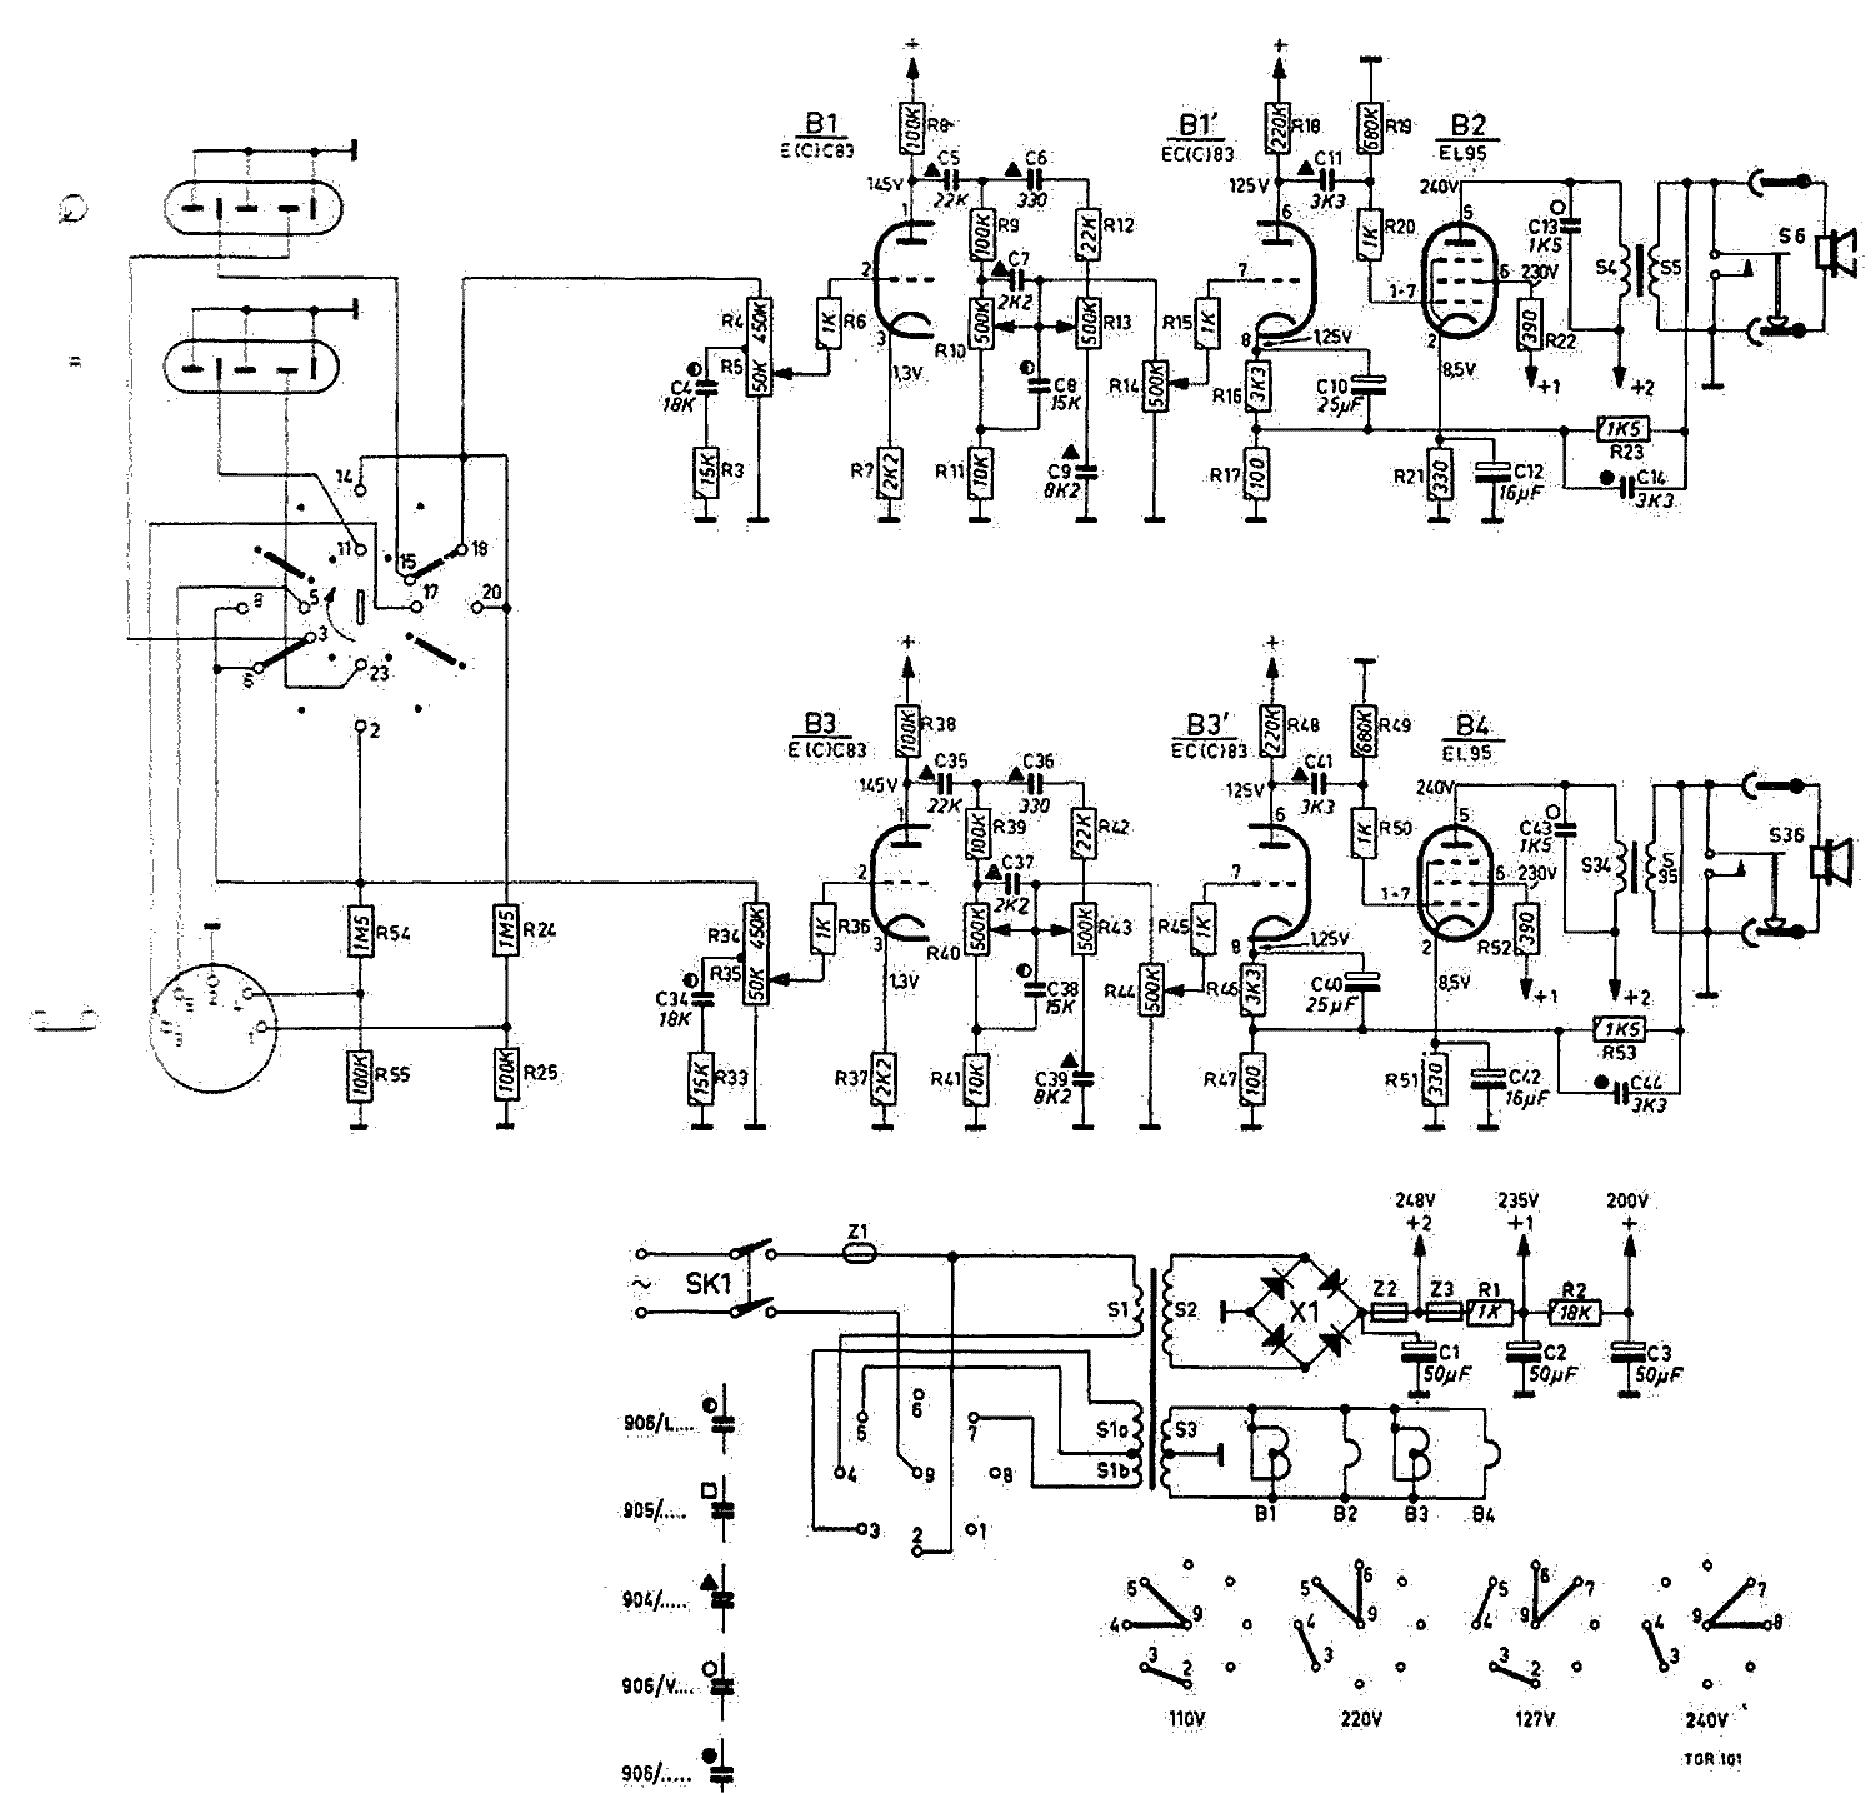 Memorex Projection Clock Radio Manual